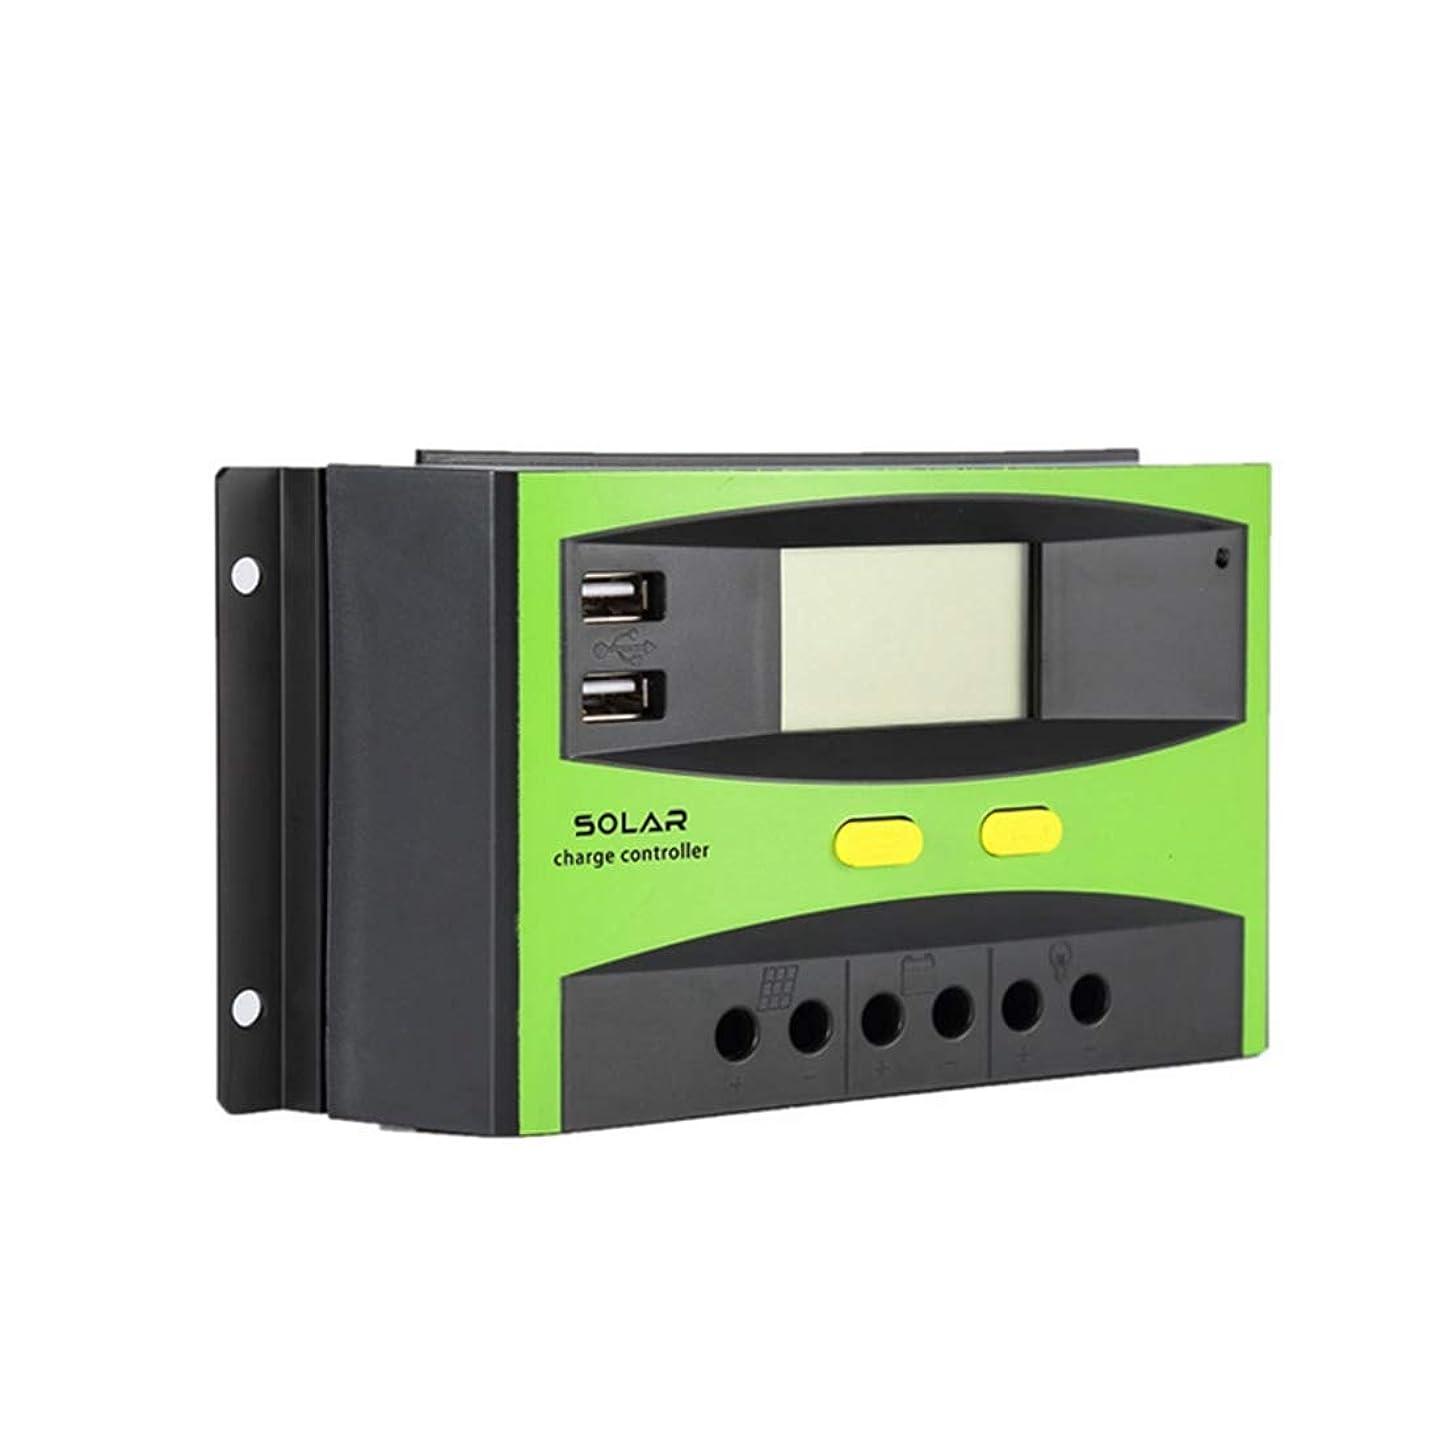 敬礼下品人に関する限りHexiaoyi ソーラー充電コントローラソーラーパネルレギュレータ現在表示PWM 20Aに60Aの12V / 24Vは、同時にUSBでLCD過負荷保護を使用します (Edition : 30a-12V/24V)